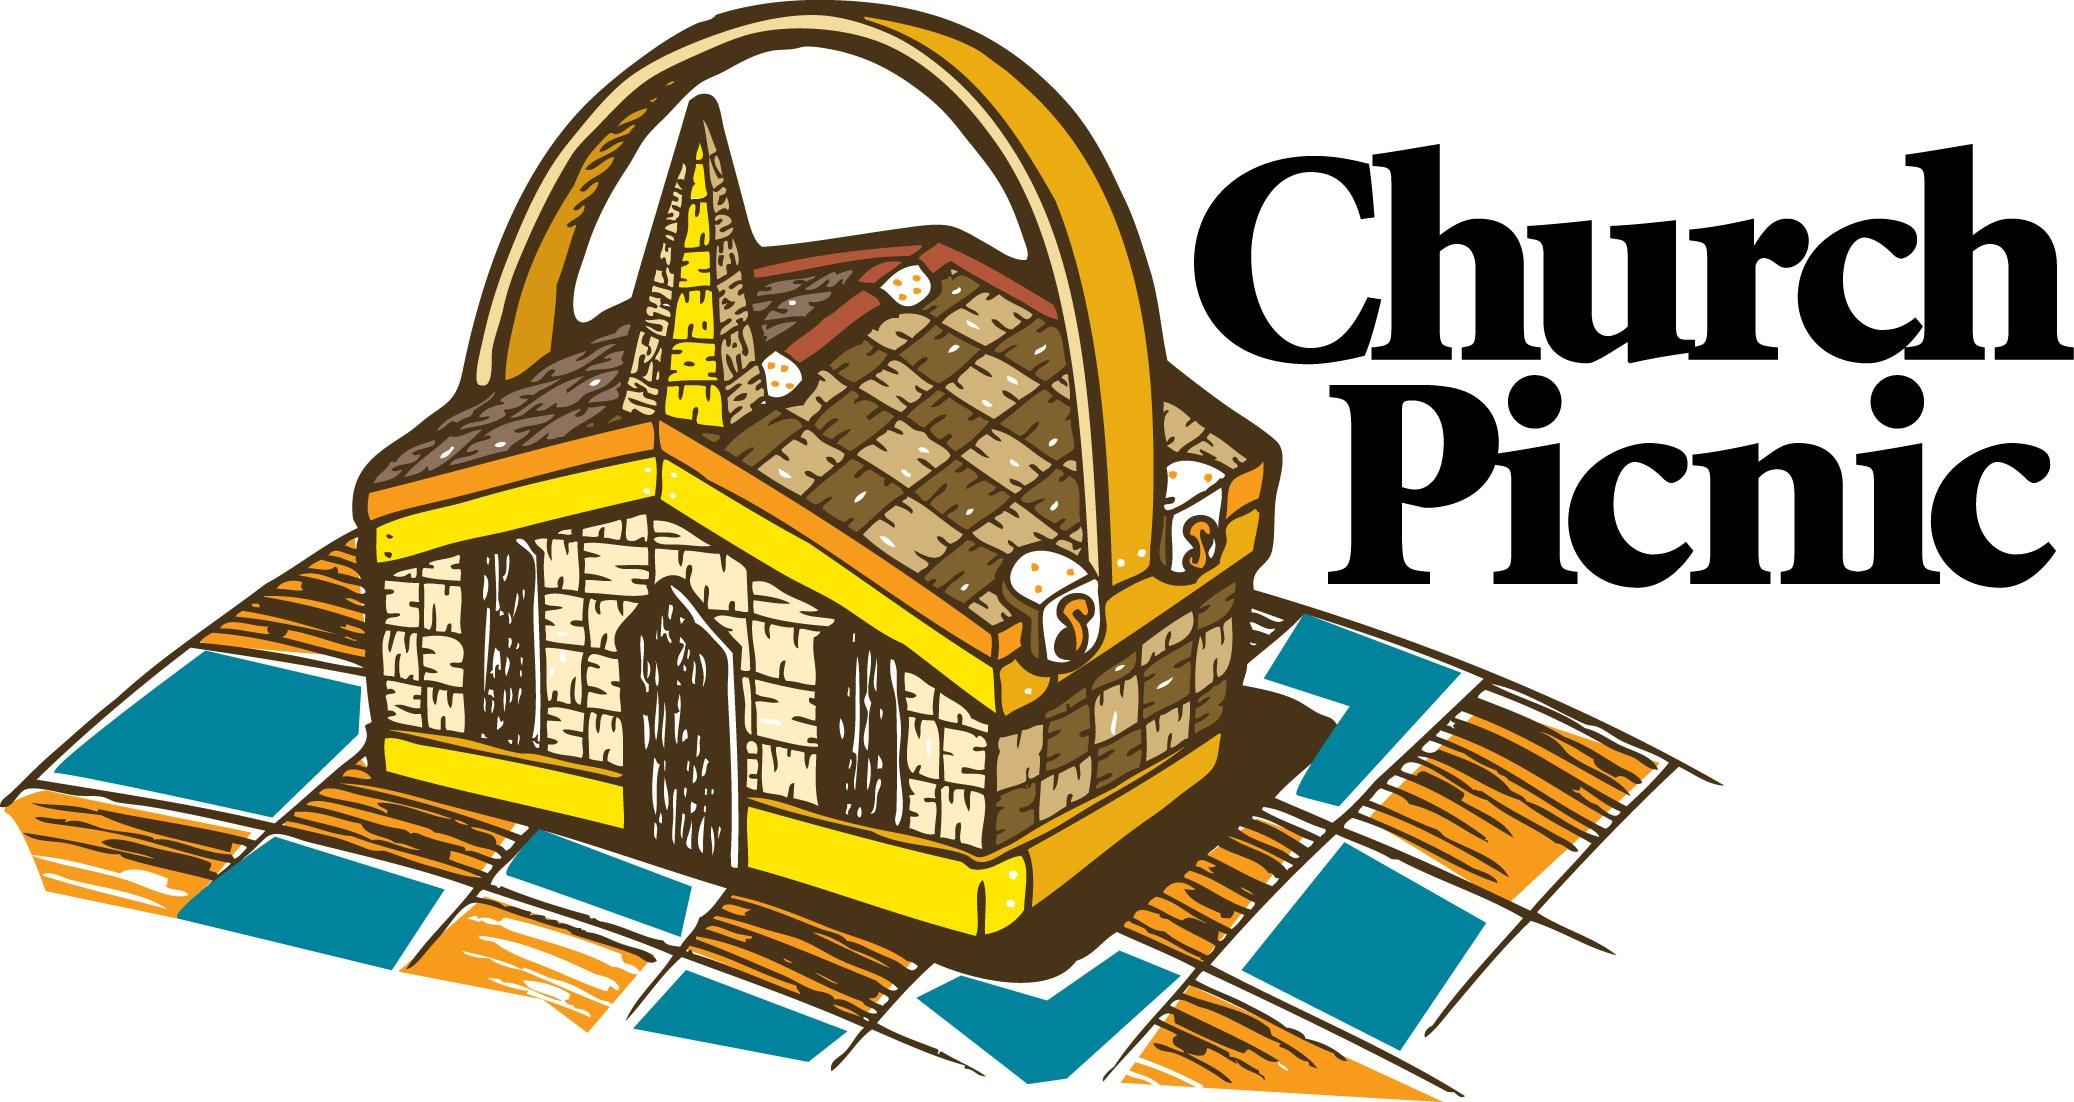 Parish picnic clipart 2 » Clipart Portal.